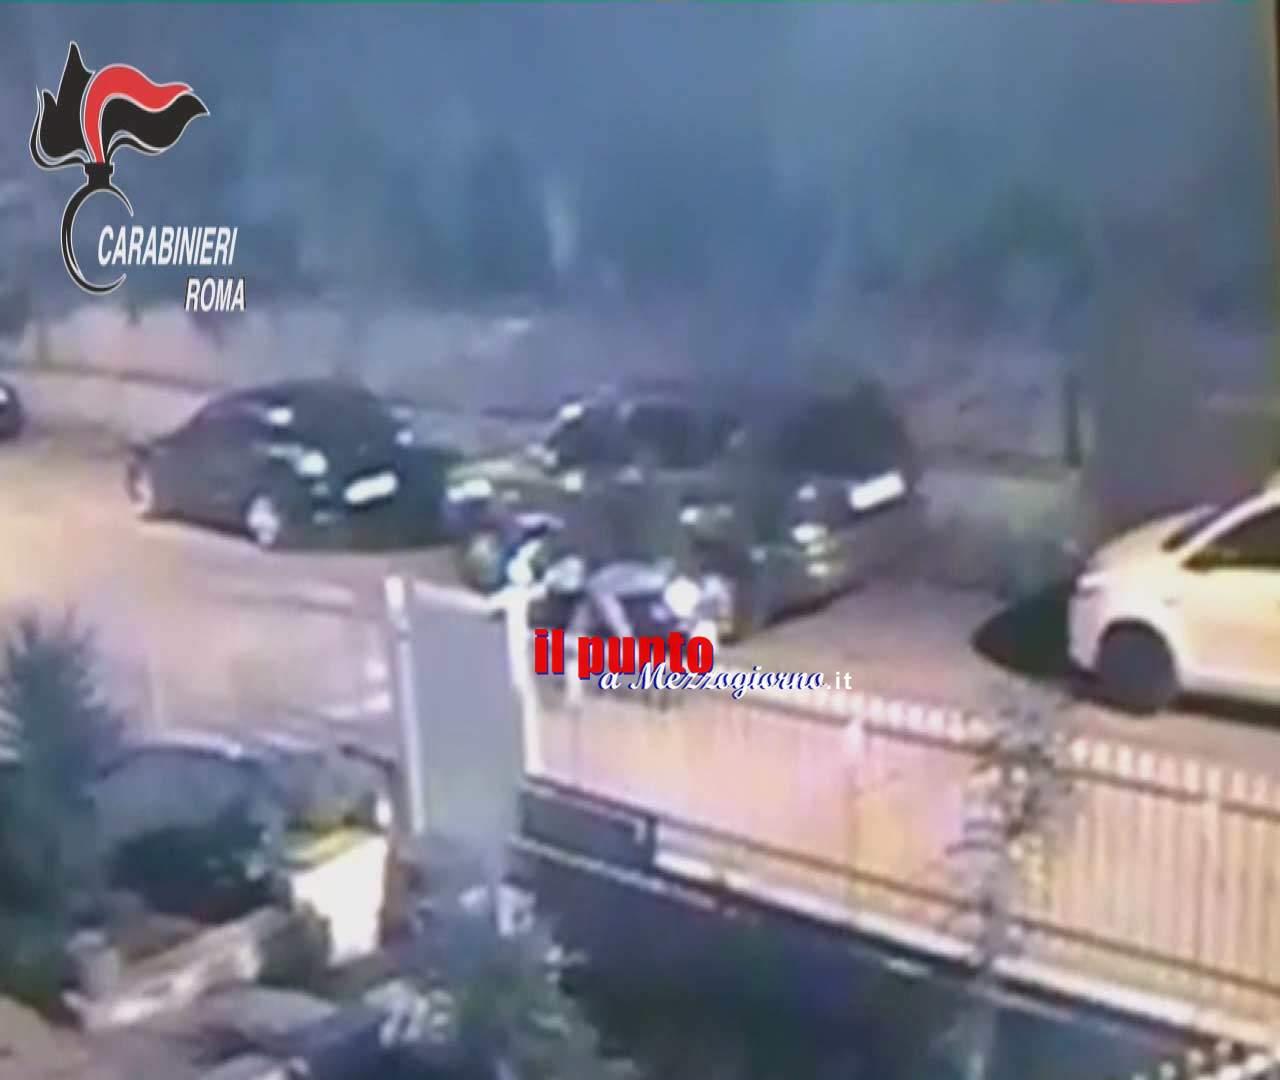 Spari nella notte ad Anzio con pistola rubata nel frusinate, 20enne arrestato